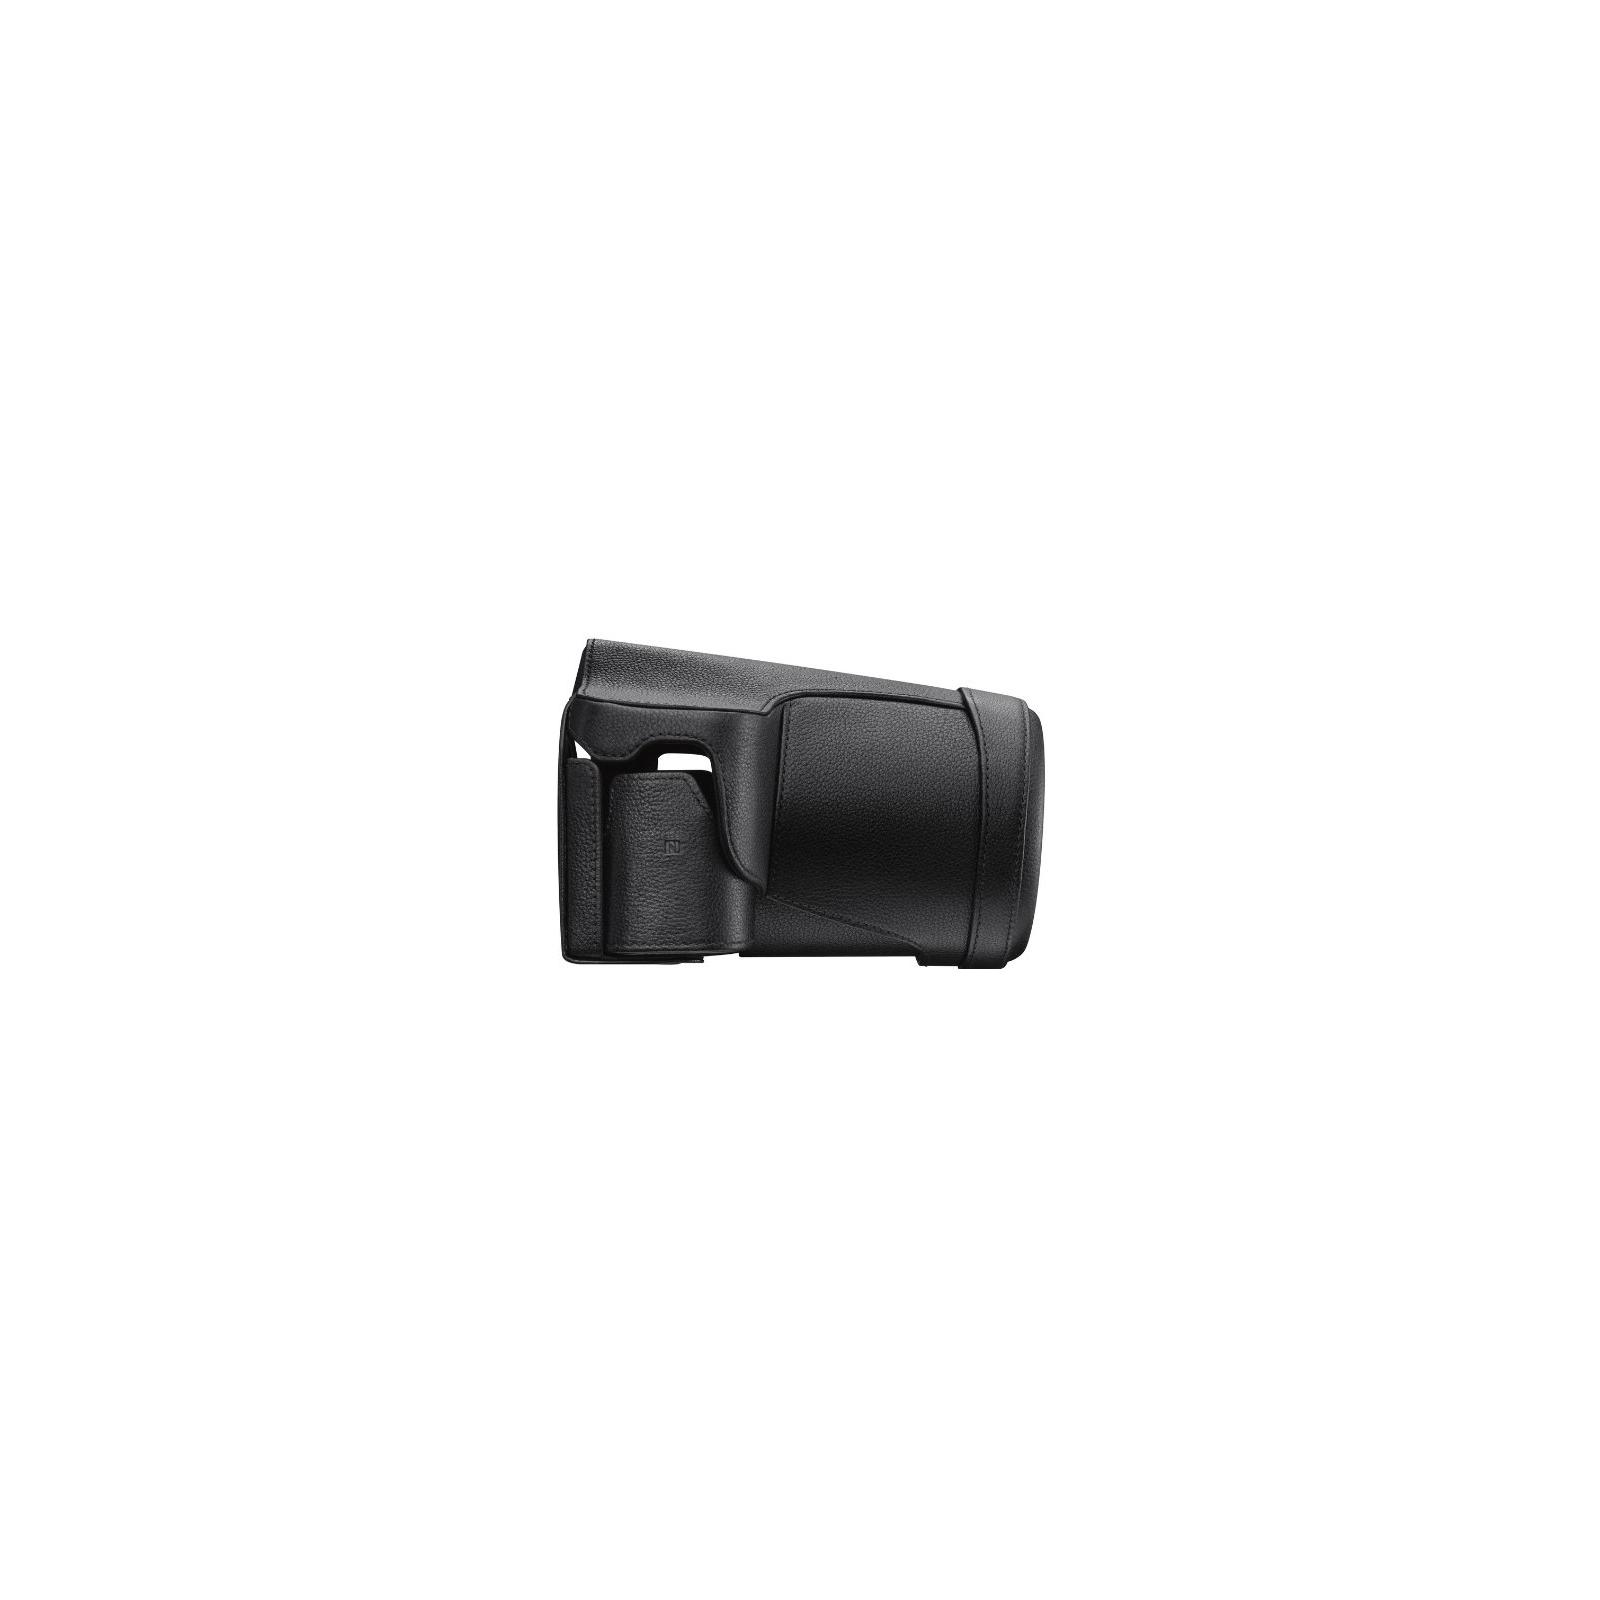 Фото-сумка SONY A7/A7R Black (LCSELCAB.SYH) изображение 4